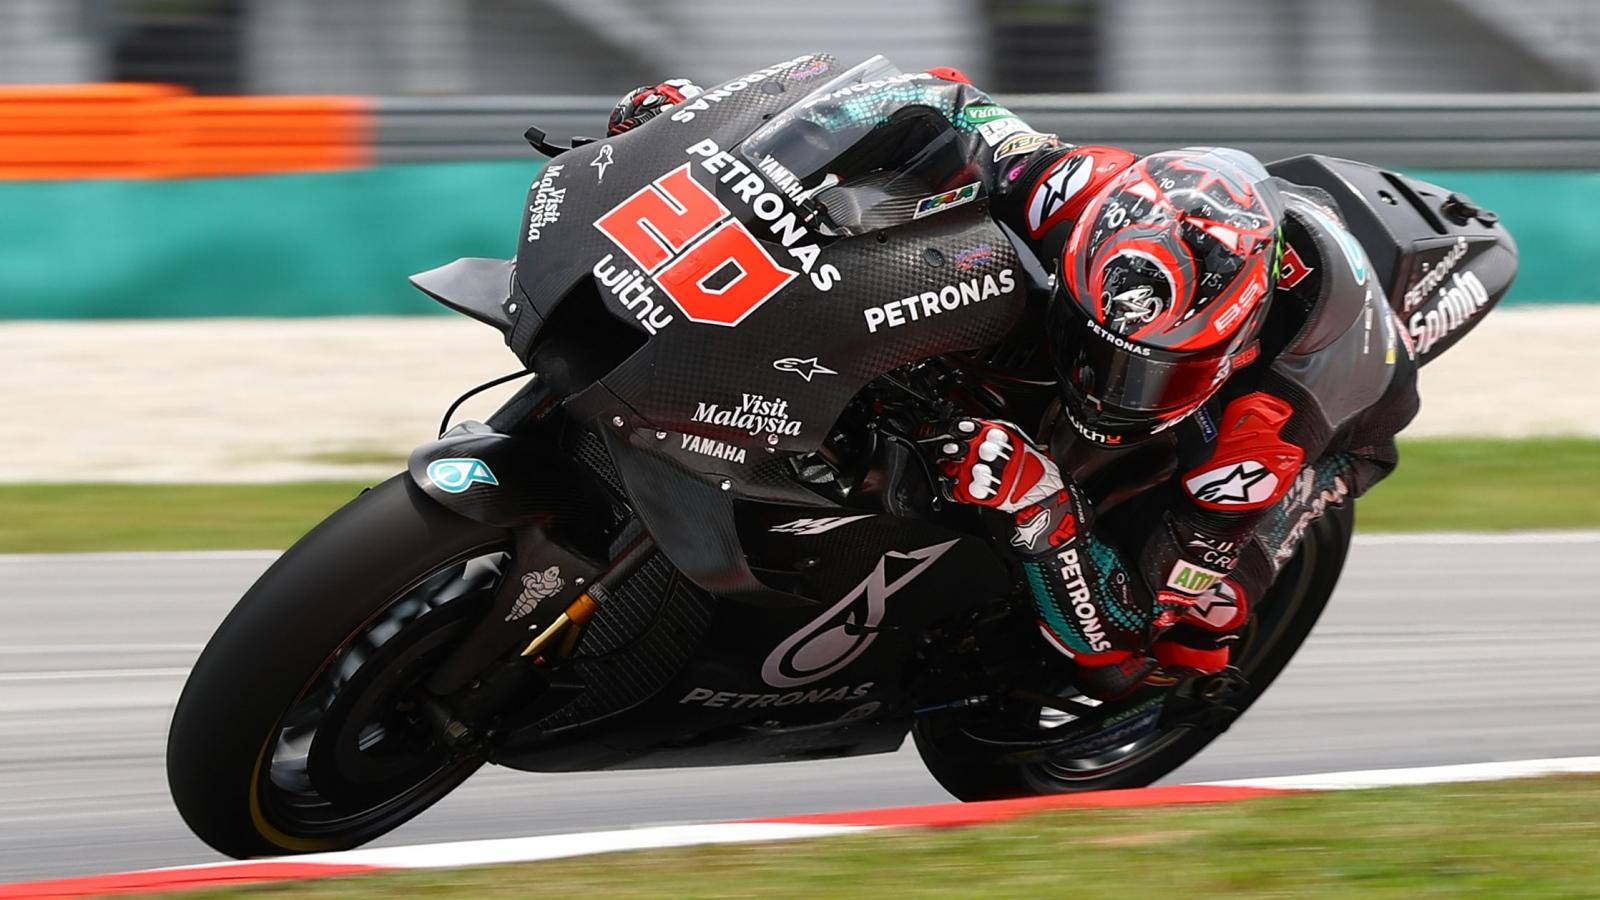 Fabio Quartararo imbatible en la extrema igualdad de los test de MotoGP 2020 en Sepang